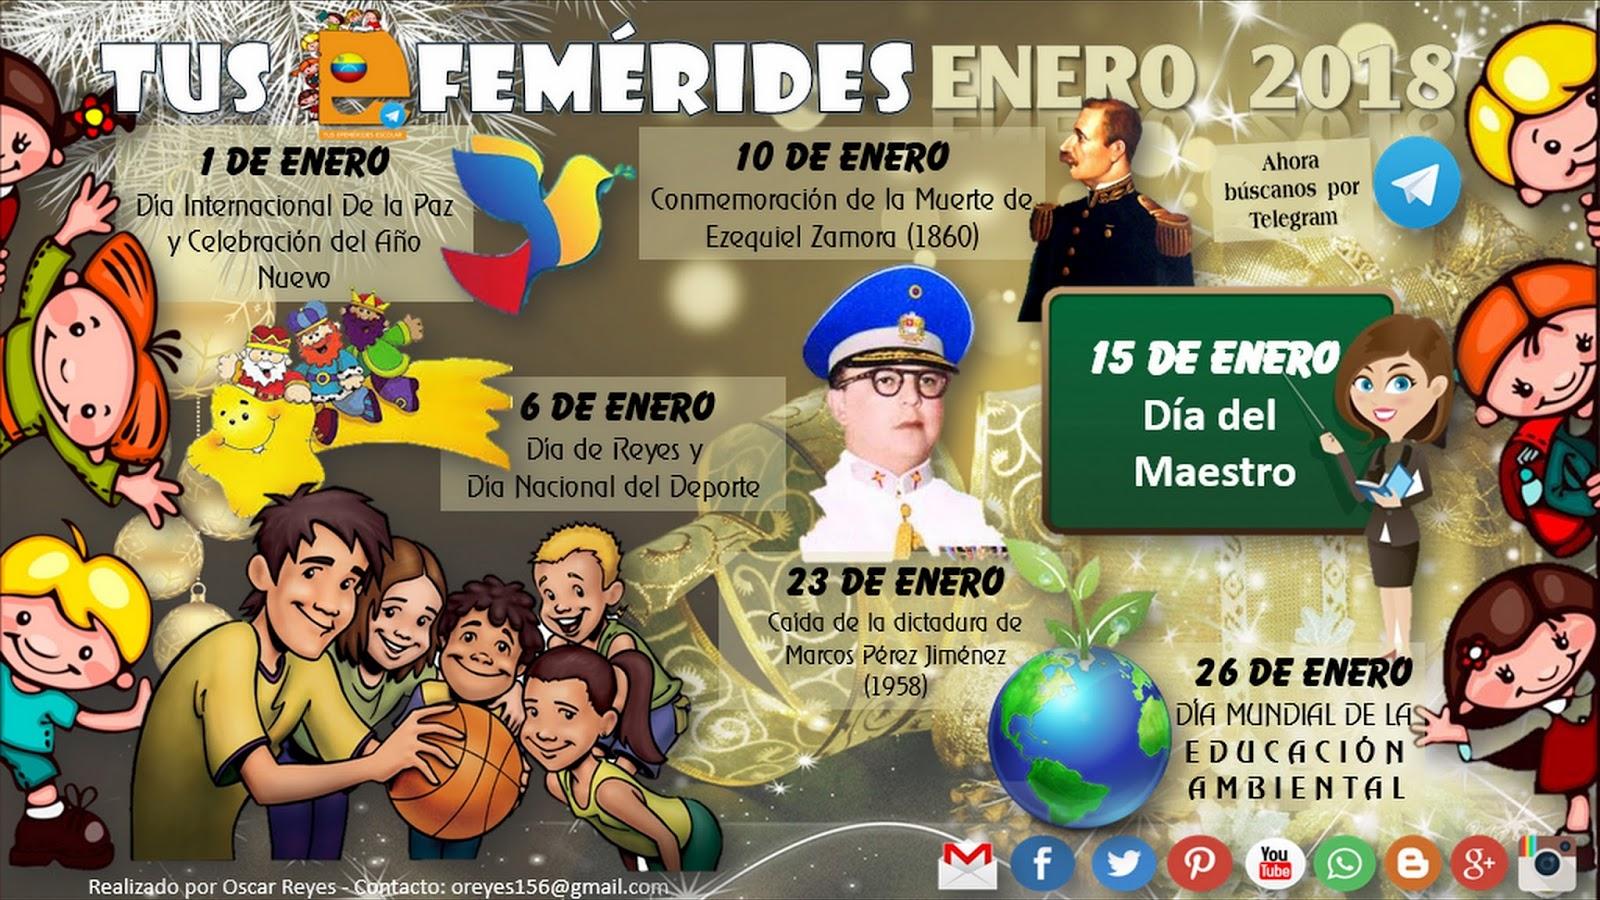 TUS EFEMÉRIDES DE VENEZUELA ENERO 2018